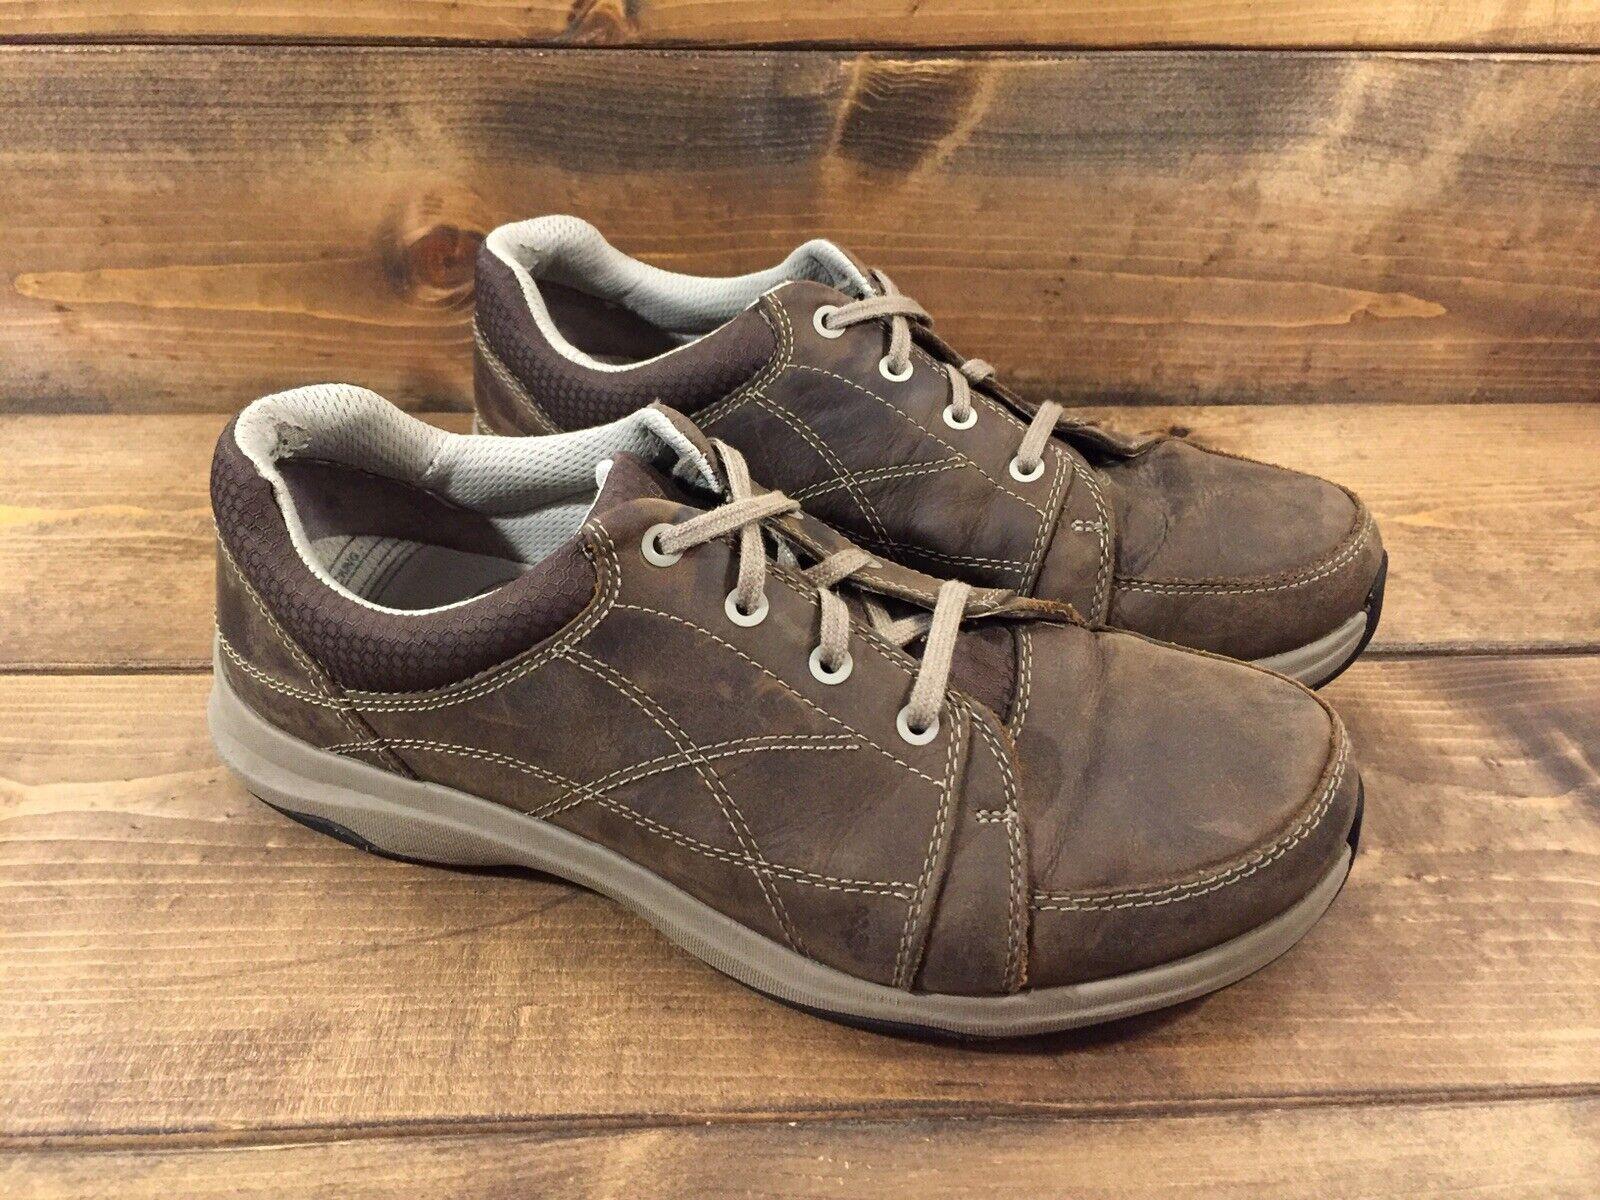 9.5 Taraval Daredevil Walking Shoes